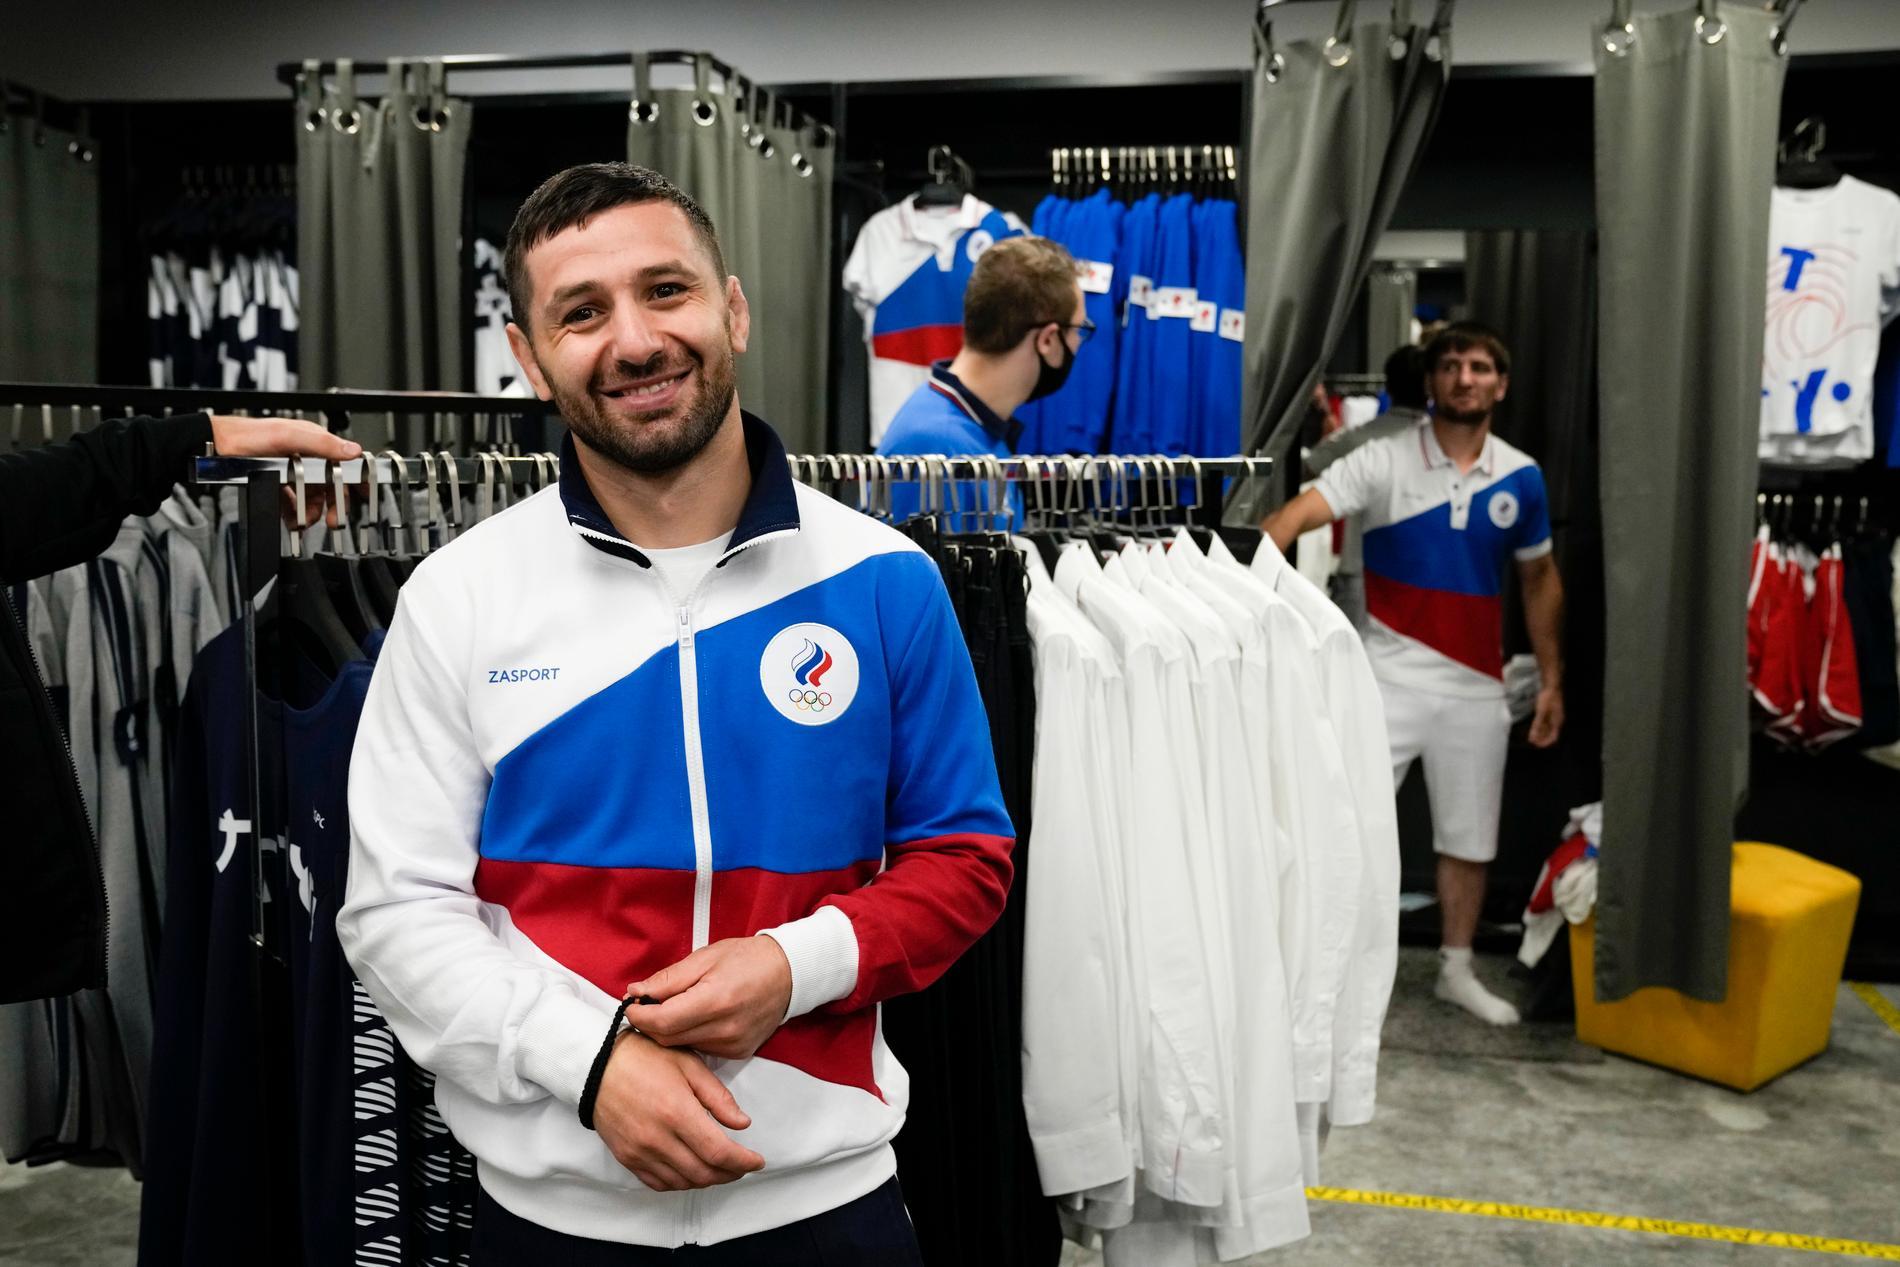 De ryska olympiernas tävlingskläder.